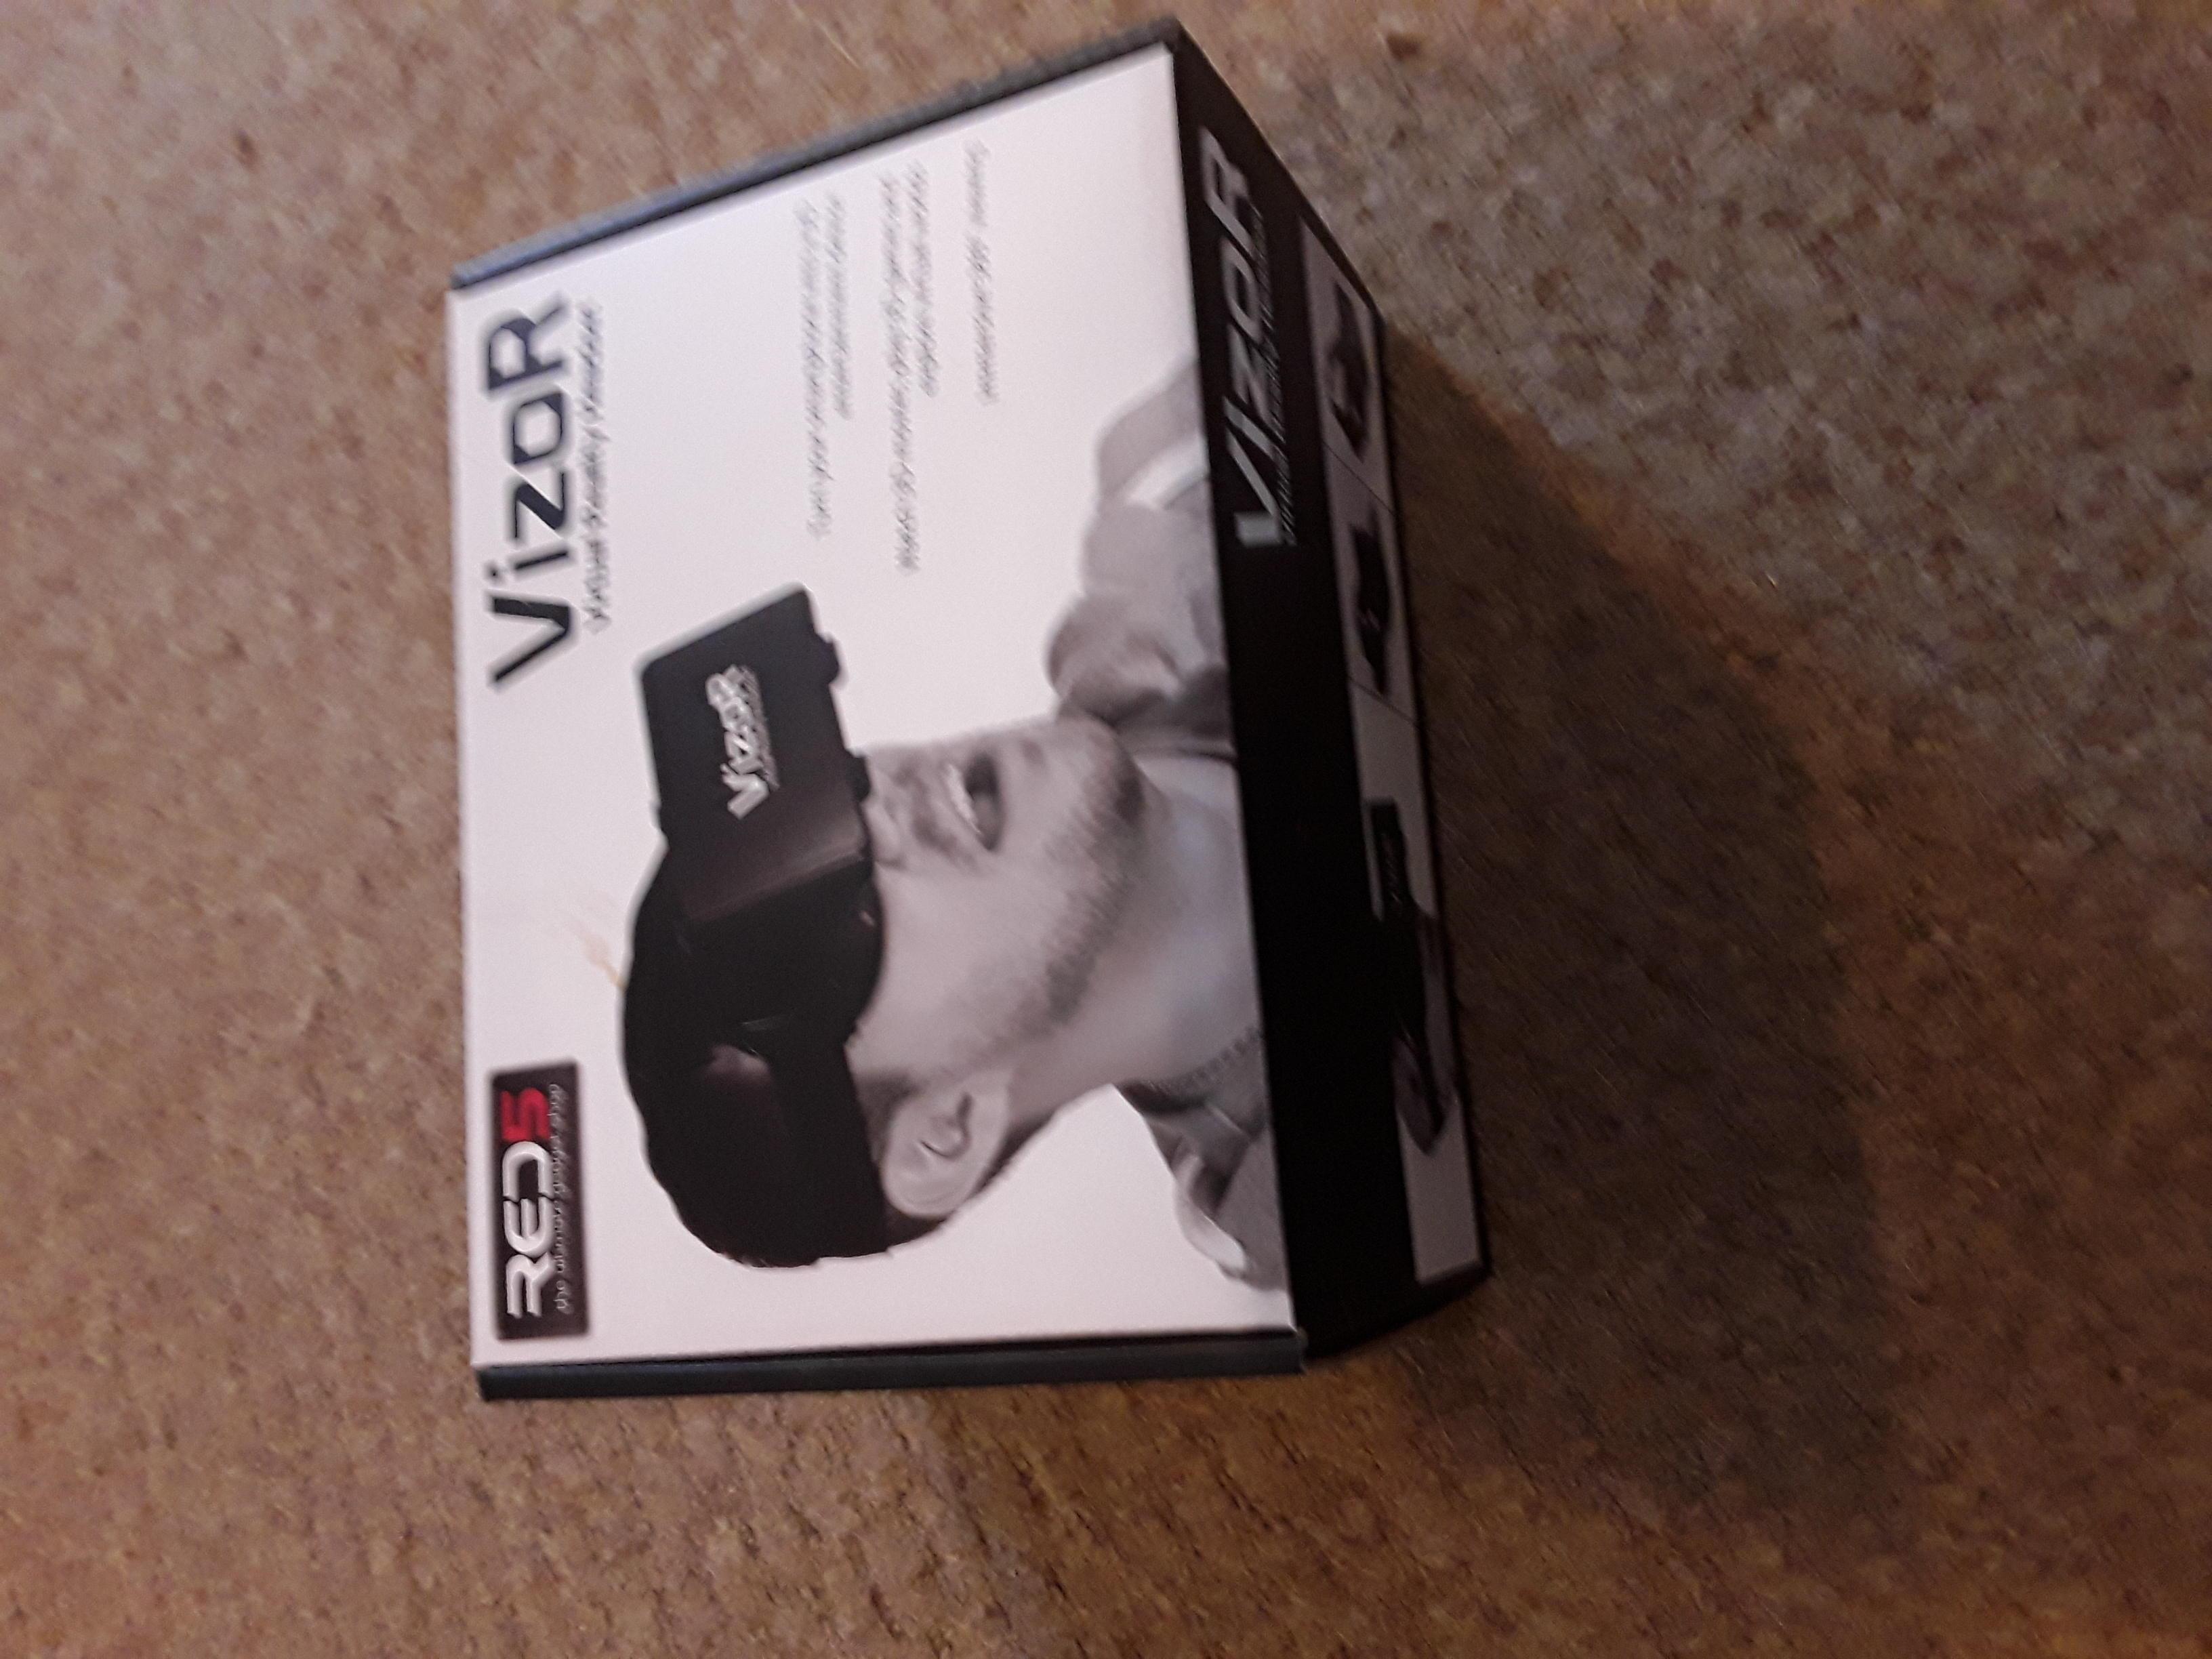 Visor Virtual reality headset